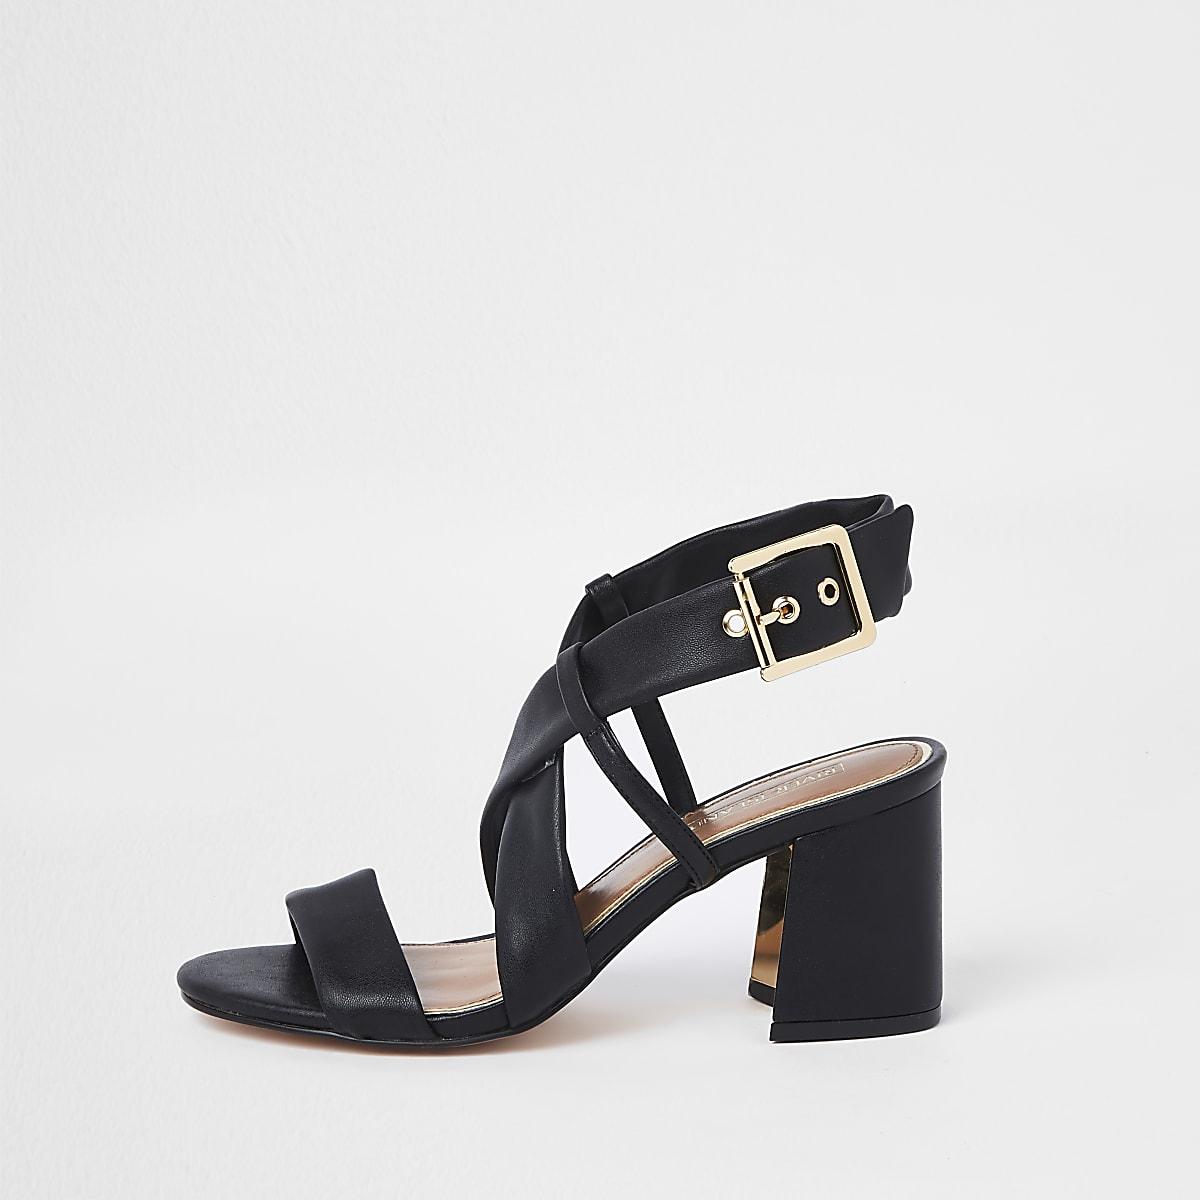 Black cross strap block heel sandals